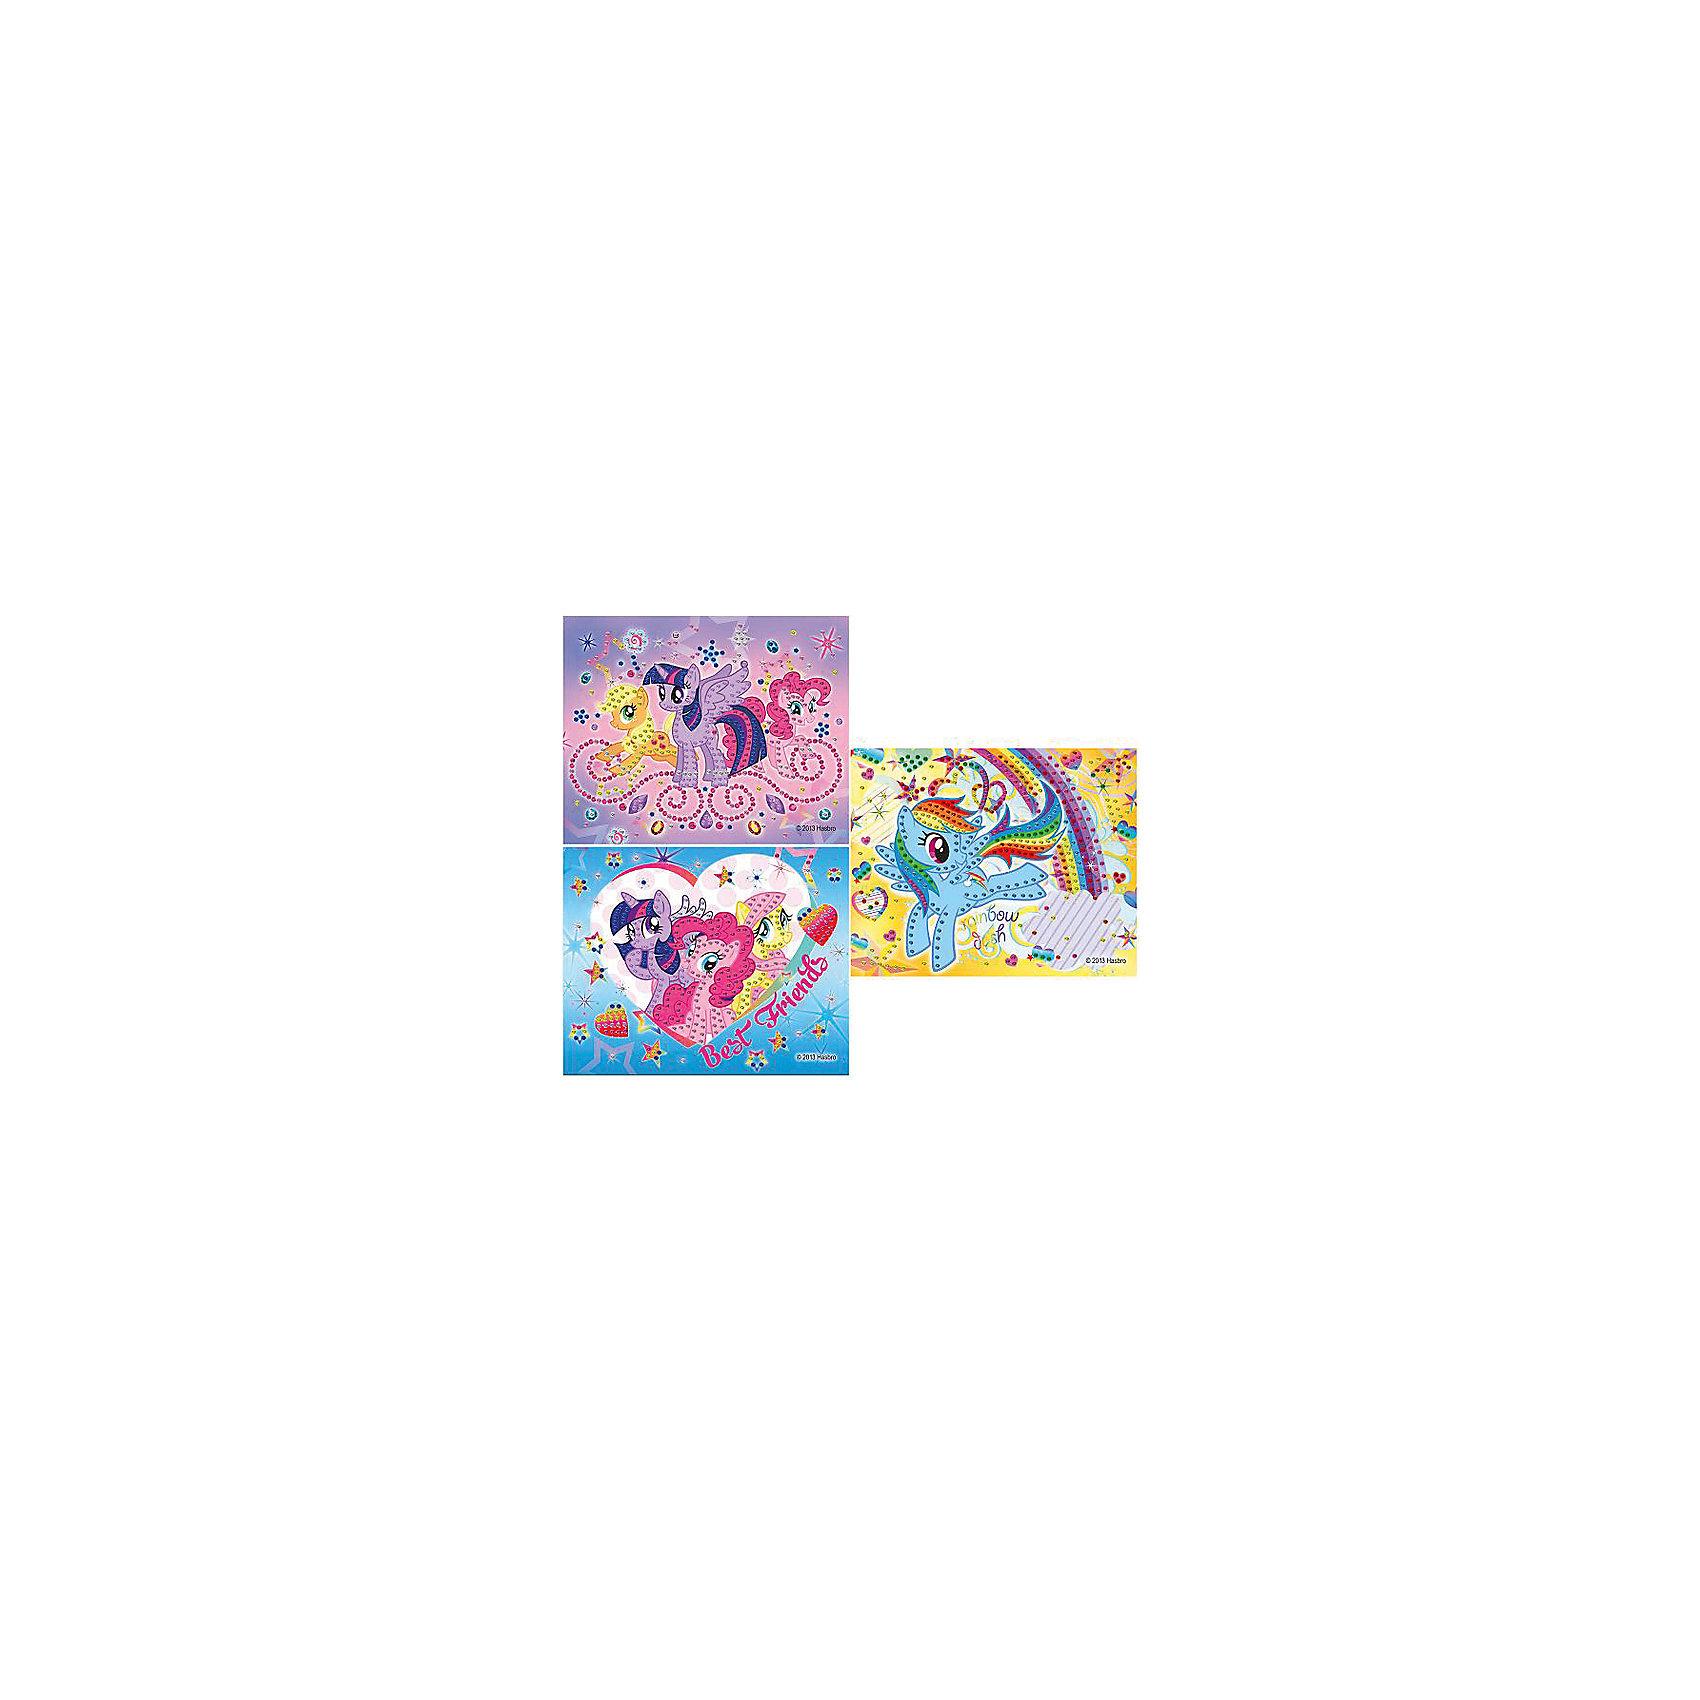 Аппликация из пайеток My little Pony, Играем вместеАппликация из пайеток My little Pony (Мой маленький Пони), Играем вместе – это набор из разноцветных пайеток для украшения картинки, на которой изображены волшебные лошадки из мультика «Мой маленький Пони». Эпплджек, Пинки Пай, Радуга Дэш, Сумеречная искорка и Флаттершай не дадут ребенку заскучать!<br><br>Комплектация: картинка, пайетки<br><br>Дополнительная информация:<br>-Серия: Мой маленький Пони<br>-Вес в упаковке: 130 г<br>-Размеры в упаковке: 230х320х100  мм<br>-Материалы: пластик, картон<br>-Внимание: дизайн в ассортименте (3 вида с разными лошадками) (заранее выбрать невозможно, при заказе нескольких возможно получение одинаковых)<br><br>Набор для создания аппликации из пайеток «Мой маленький Пони» обрадует Вашего ребенка и позволит весело провести время!<br><br>Аппликация из пайеток My little Pony (Мой маленький Пони), Играем вместе можно купить в нашем магазине.<br><br>Ширина мм: 230<br>Глубина мм: 320<br>Высота мм: 100<br>Вес г: 130<br>Возраст от месяцев: 60<br>Возраст до месяцев: 108<br>Пол: Женский<br>Возраст: Детский<br>SKU: 4079318